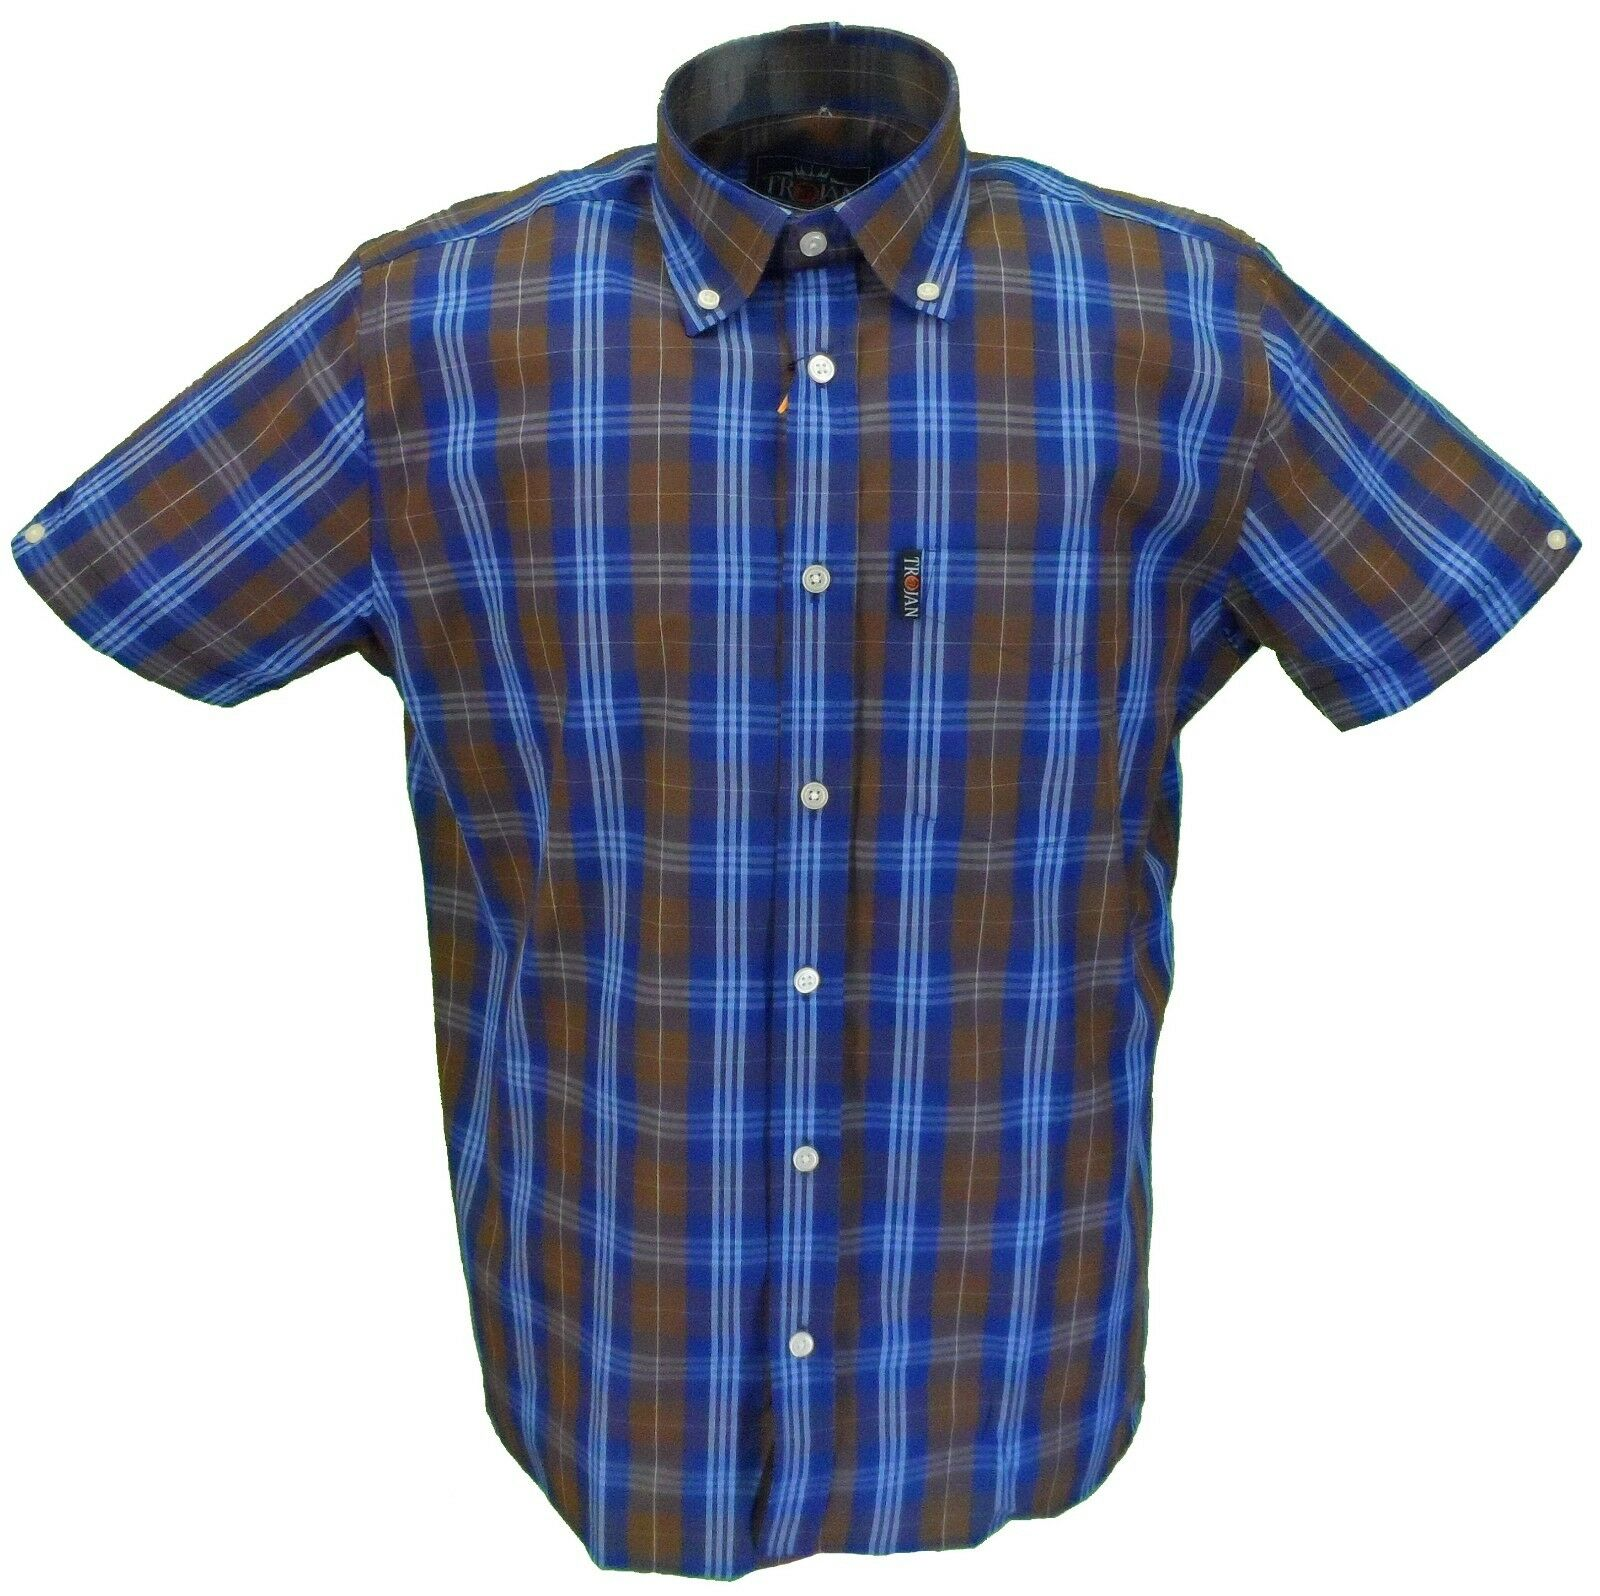 ad2eb0fe7003 TROJAN Records Uomo Retrò Marronee Check 100% Cotone Camicie a maniche  corte Da nsxysd56-Camicie casual e maglie